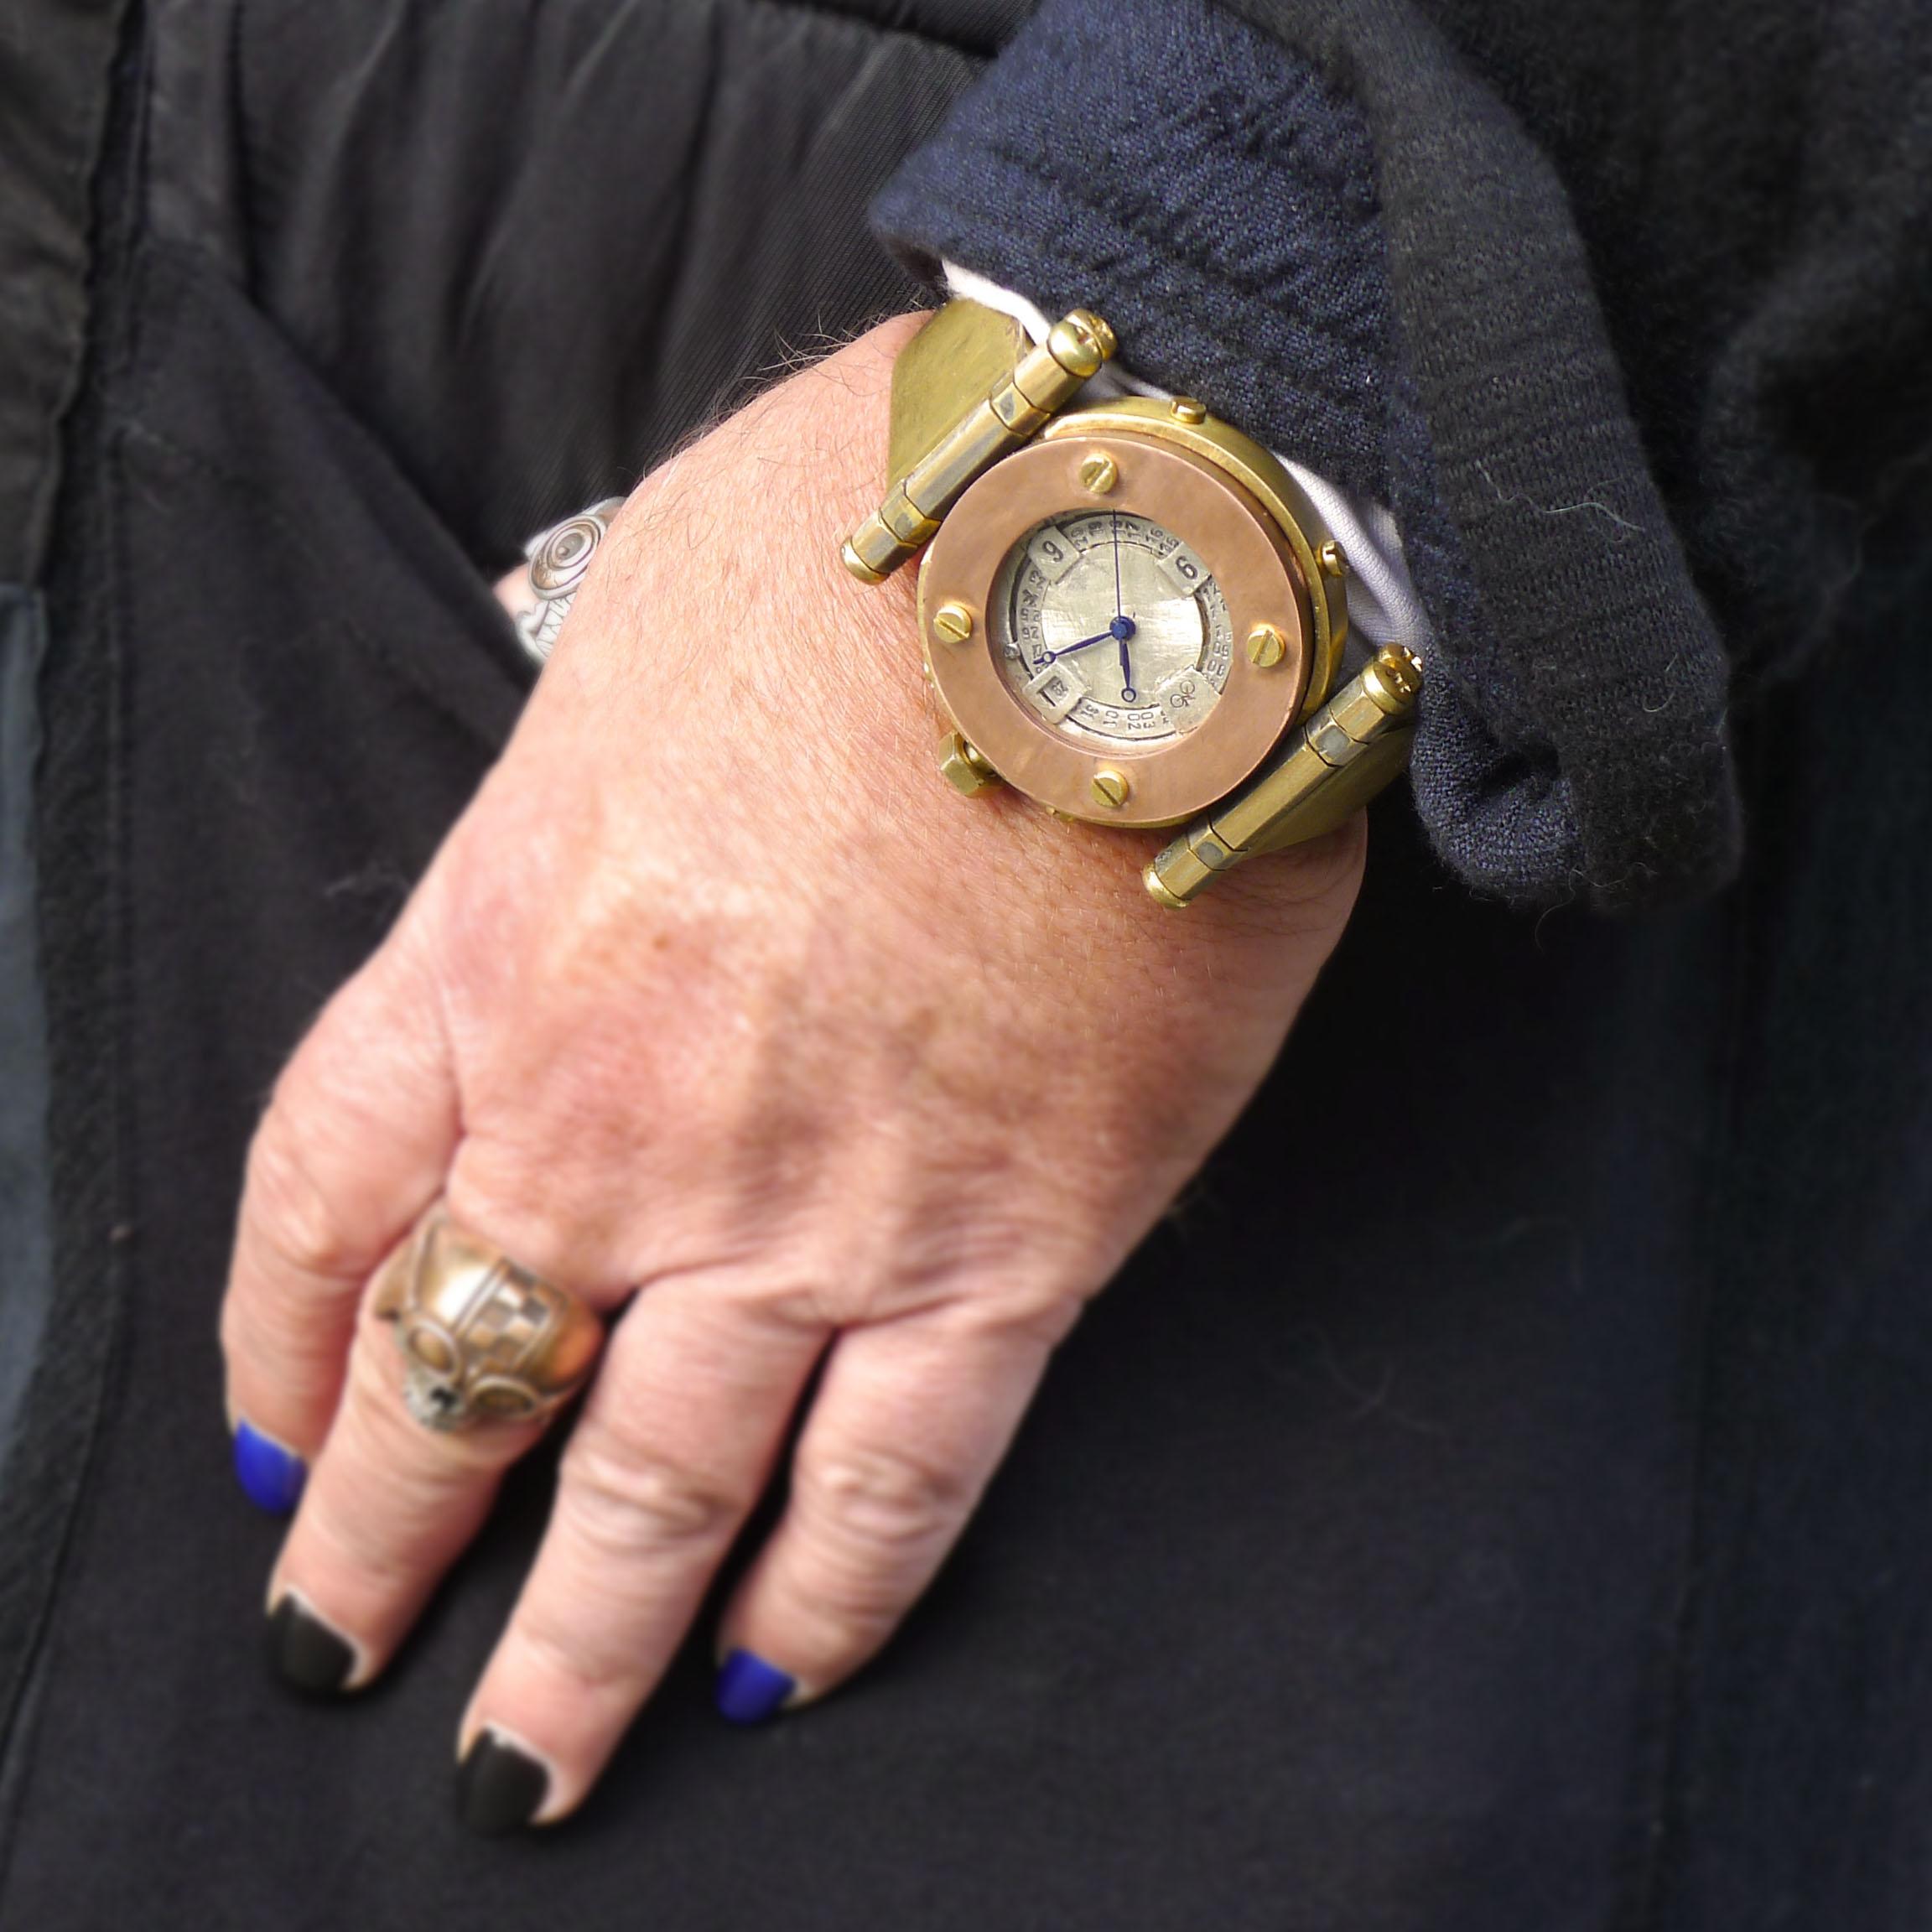 jochen-leopold-uhr-armband-steampunk-handmade